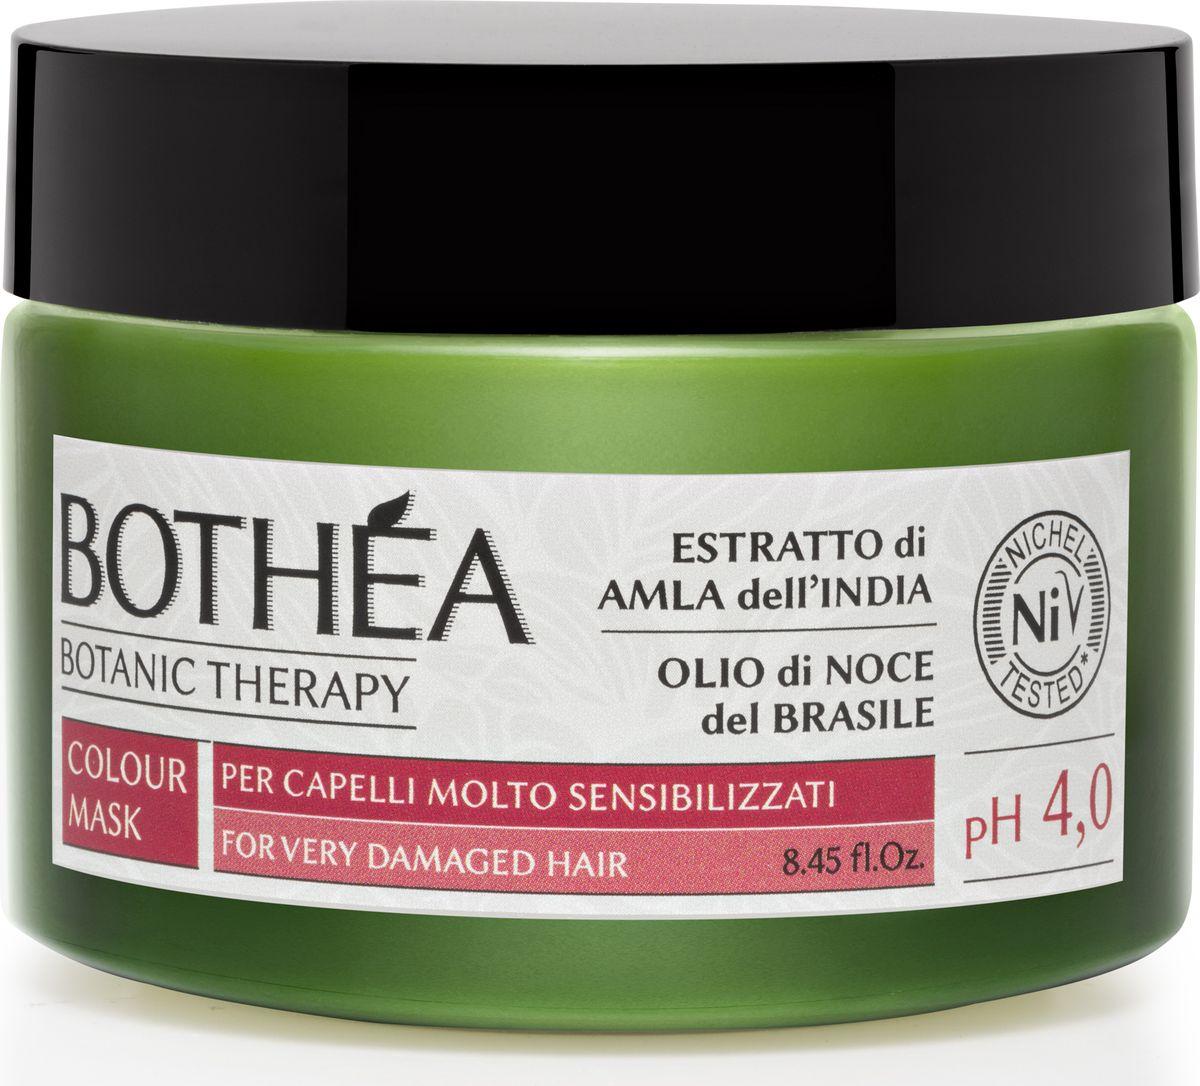 Bothea Маска для поврежденных волос Mask For Slightly Damaged Hair pH 4.0 - 250 млMP59.4DКондиционирующее действие по восстановлению влаги, формула закрывает чешуйки волос, обеспечивая превосходное отражение света. Более того, маска мгновенно смягчает кутикулу и облегчает расчесывание волос.